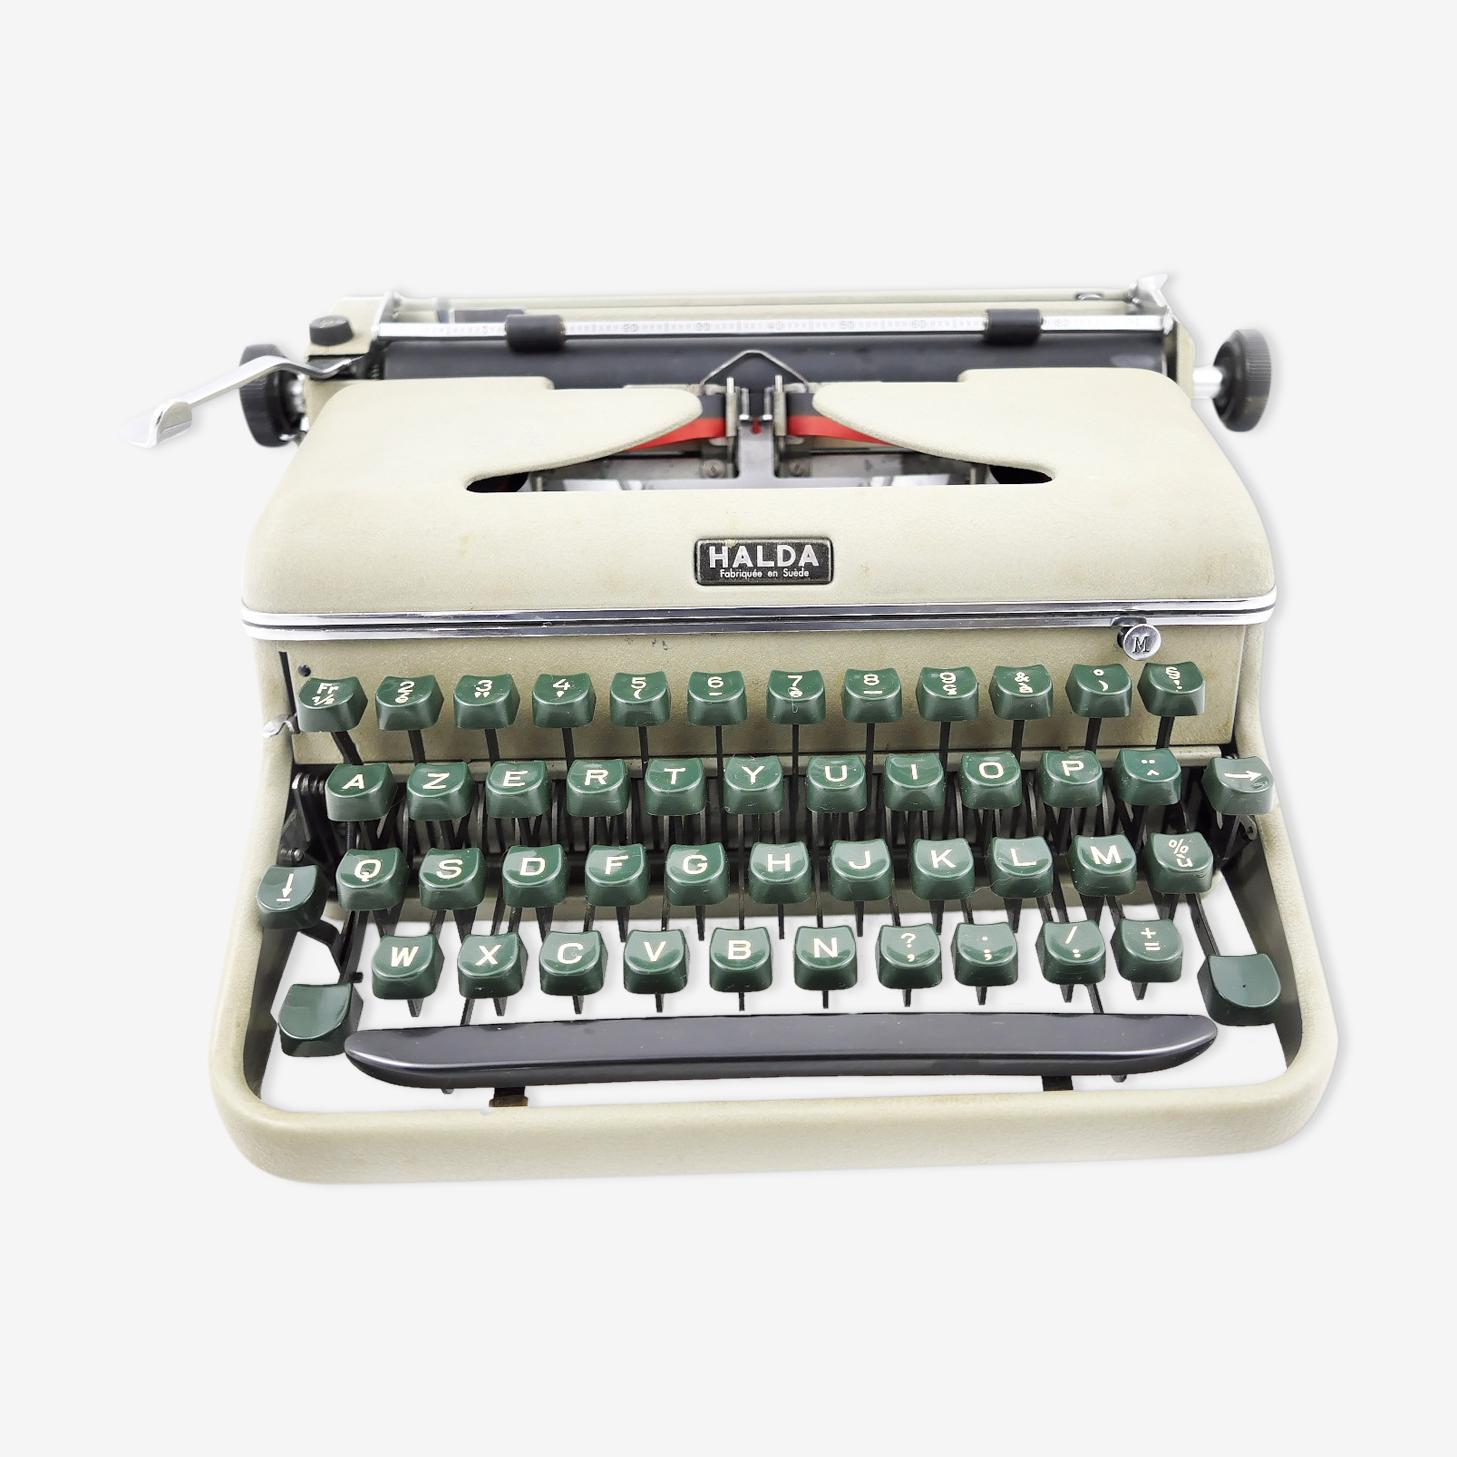 Machine à écrire Halda Kaki portable 1958 vintage